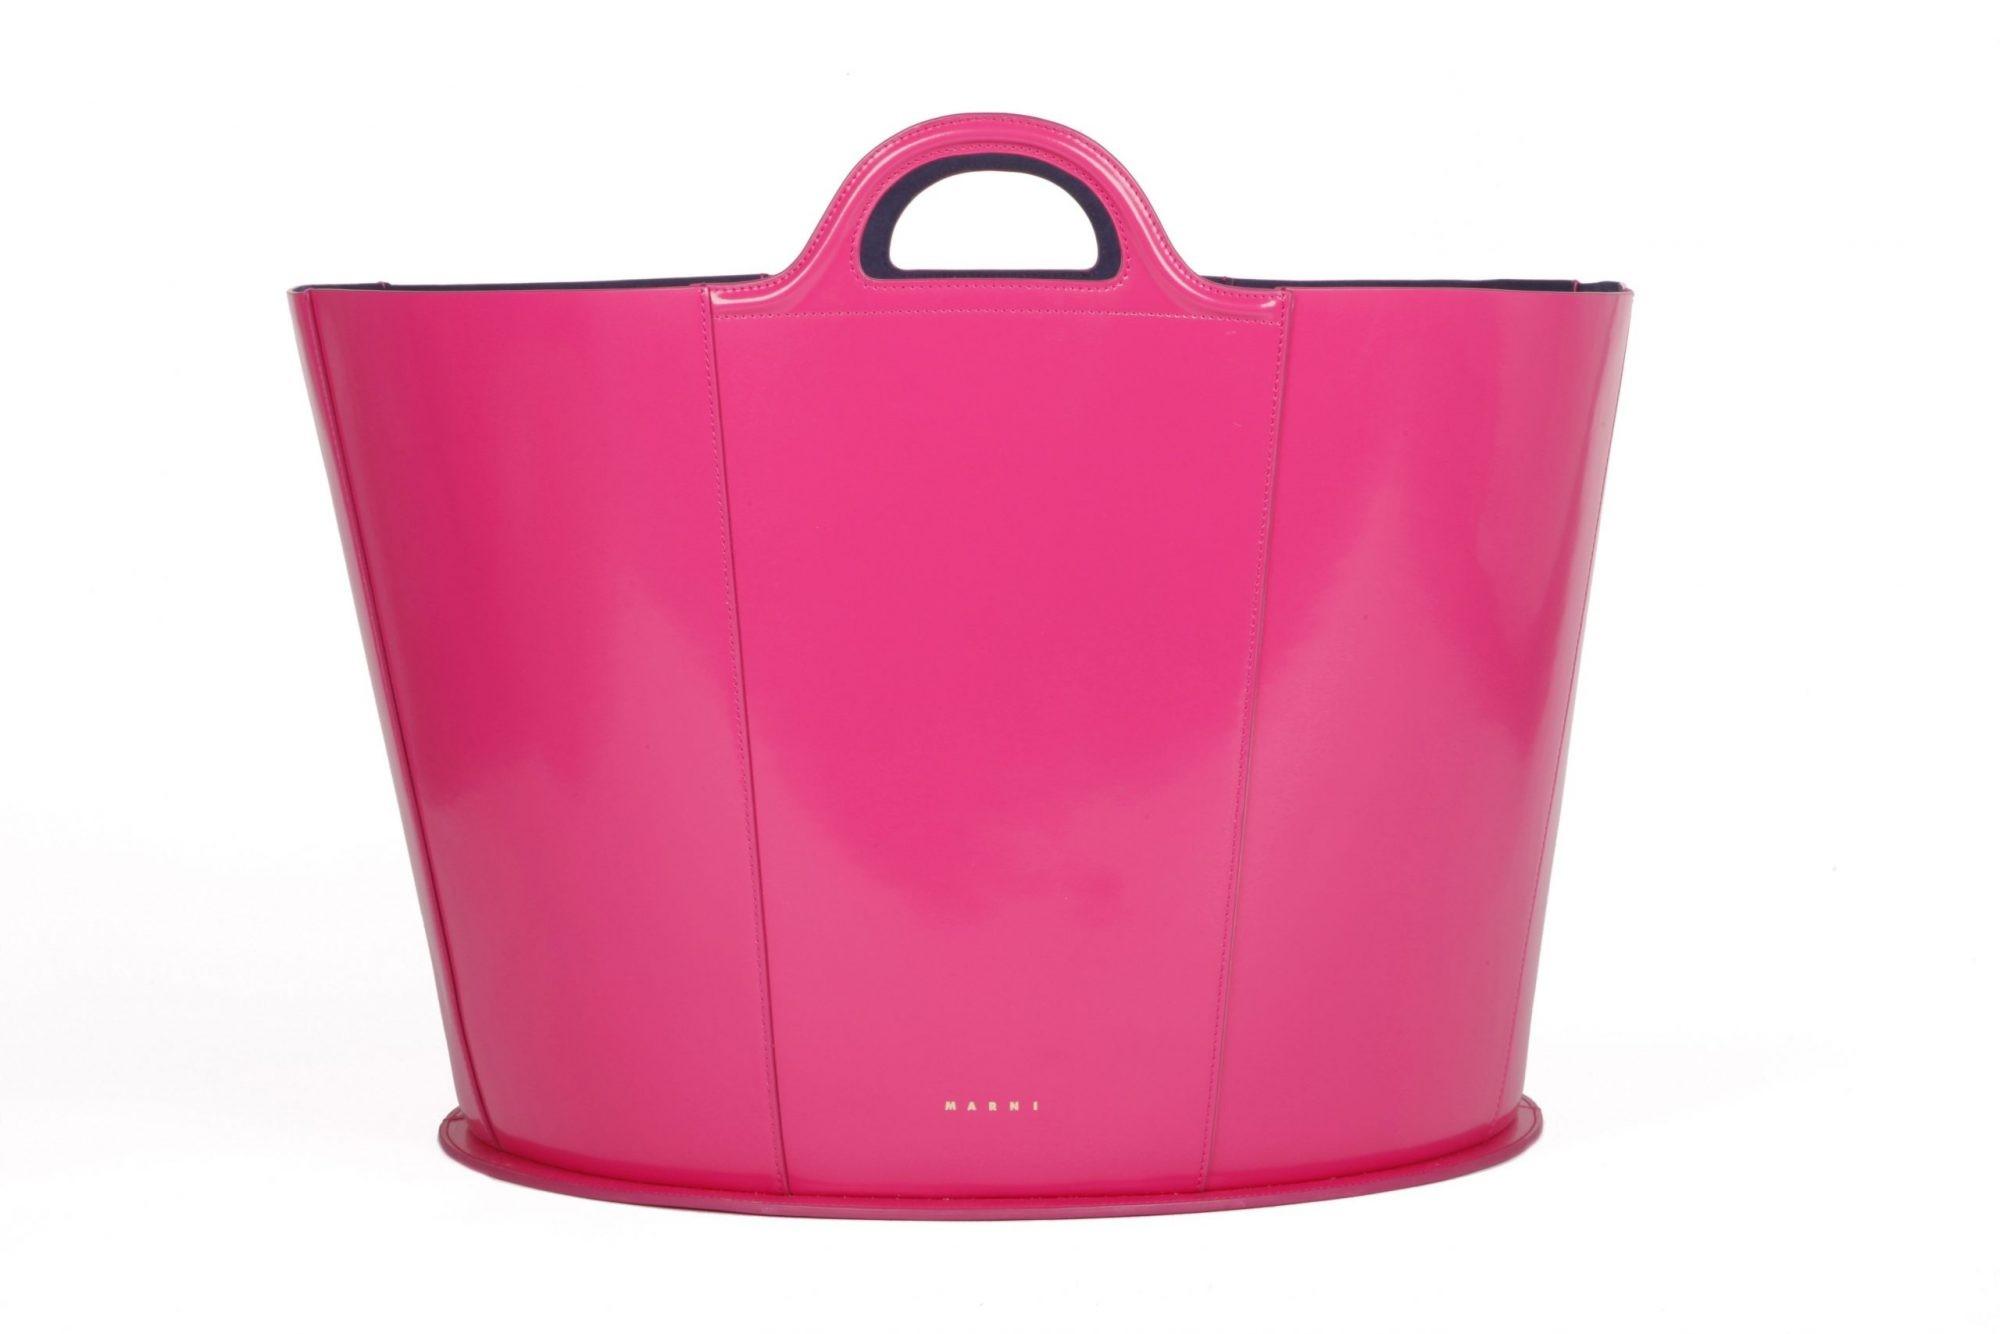 Τσάντα, Marni.